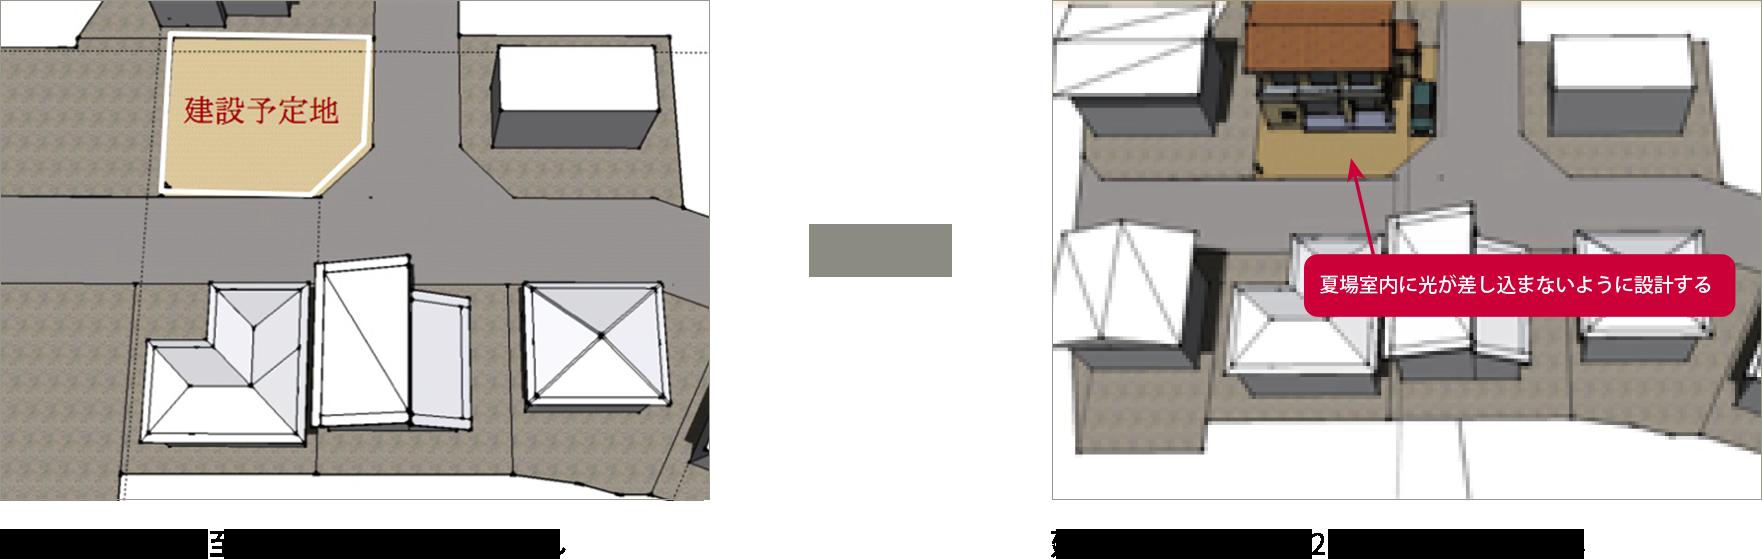 シミレーションイメージ図